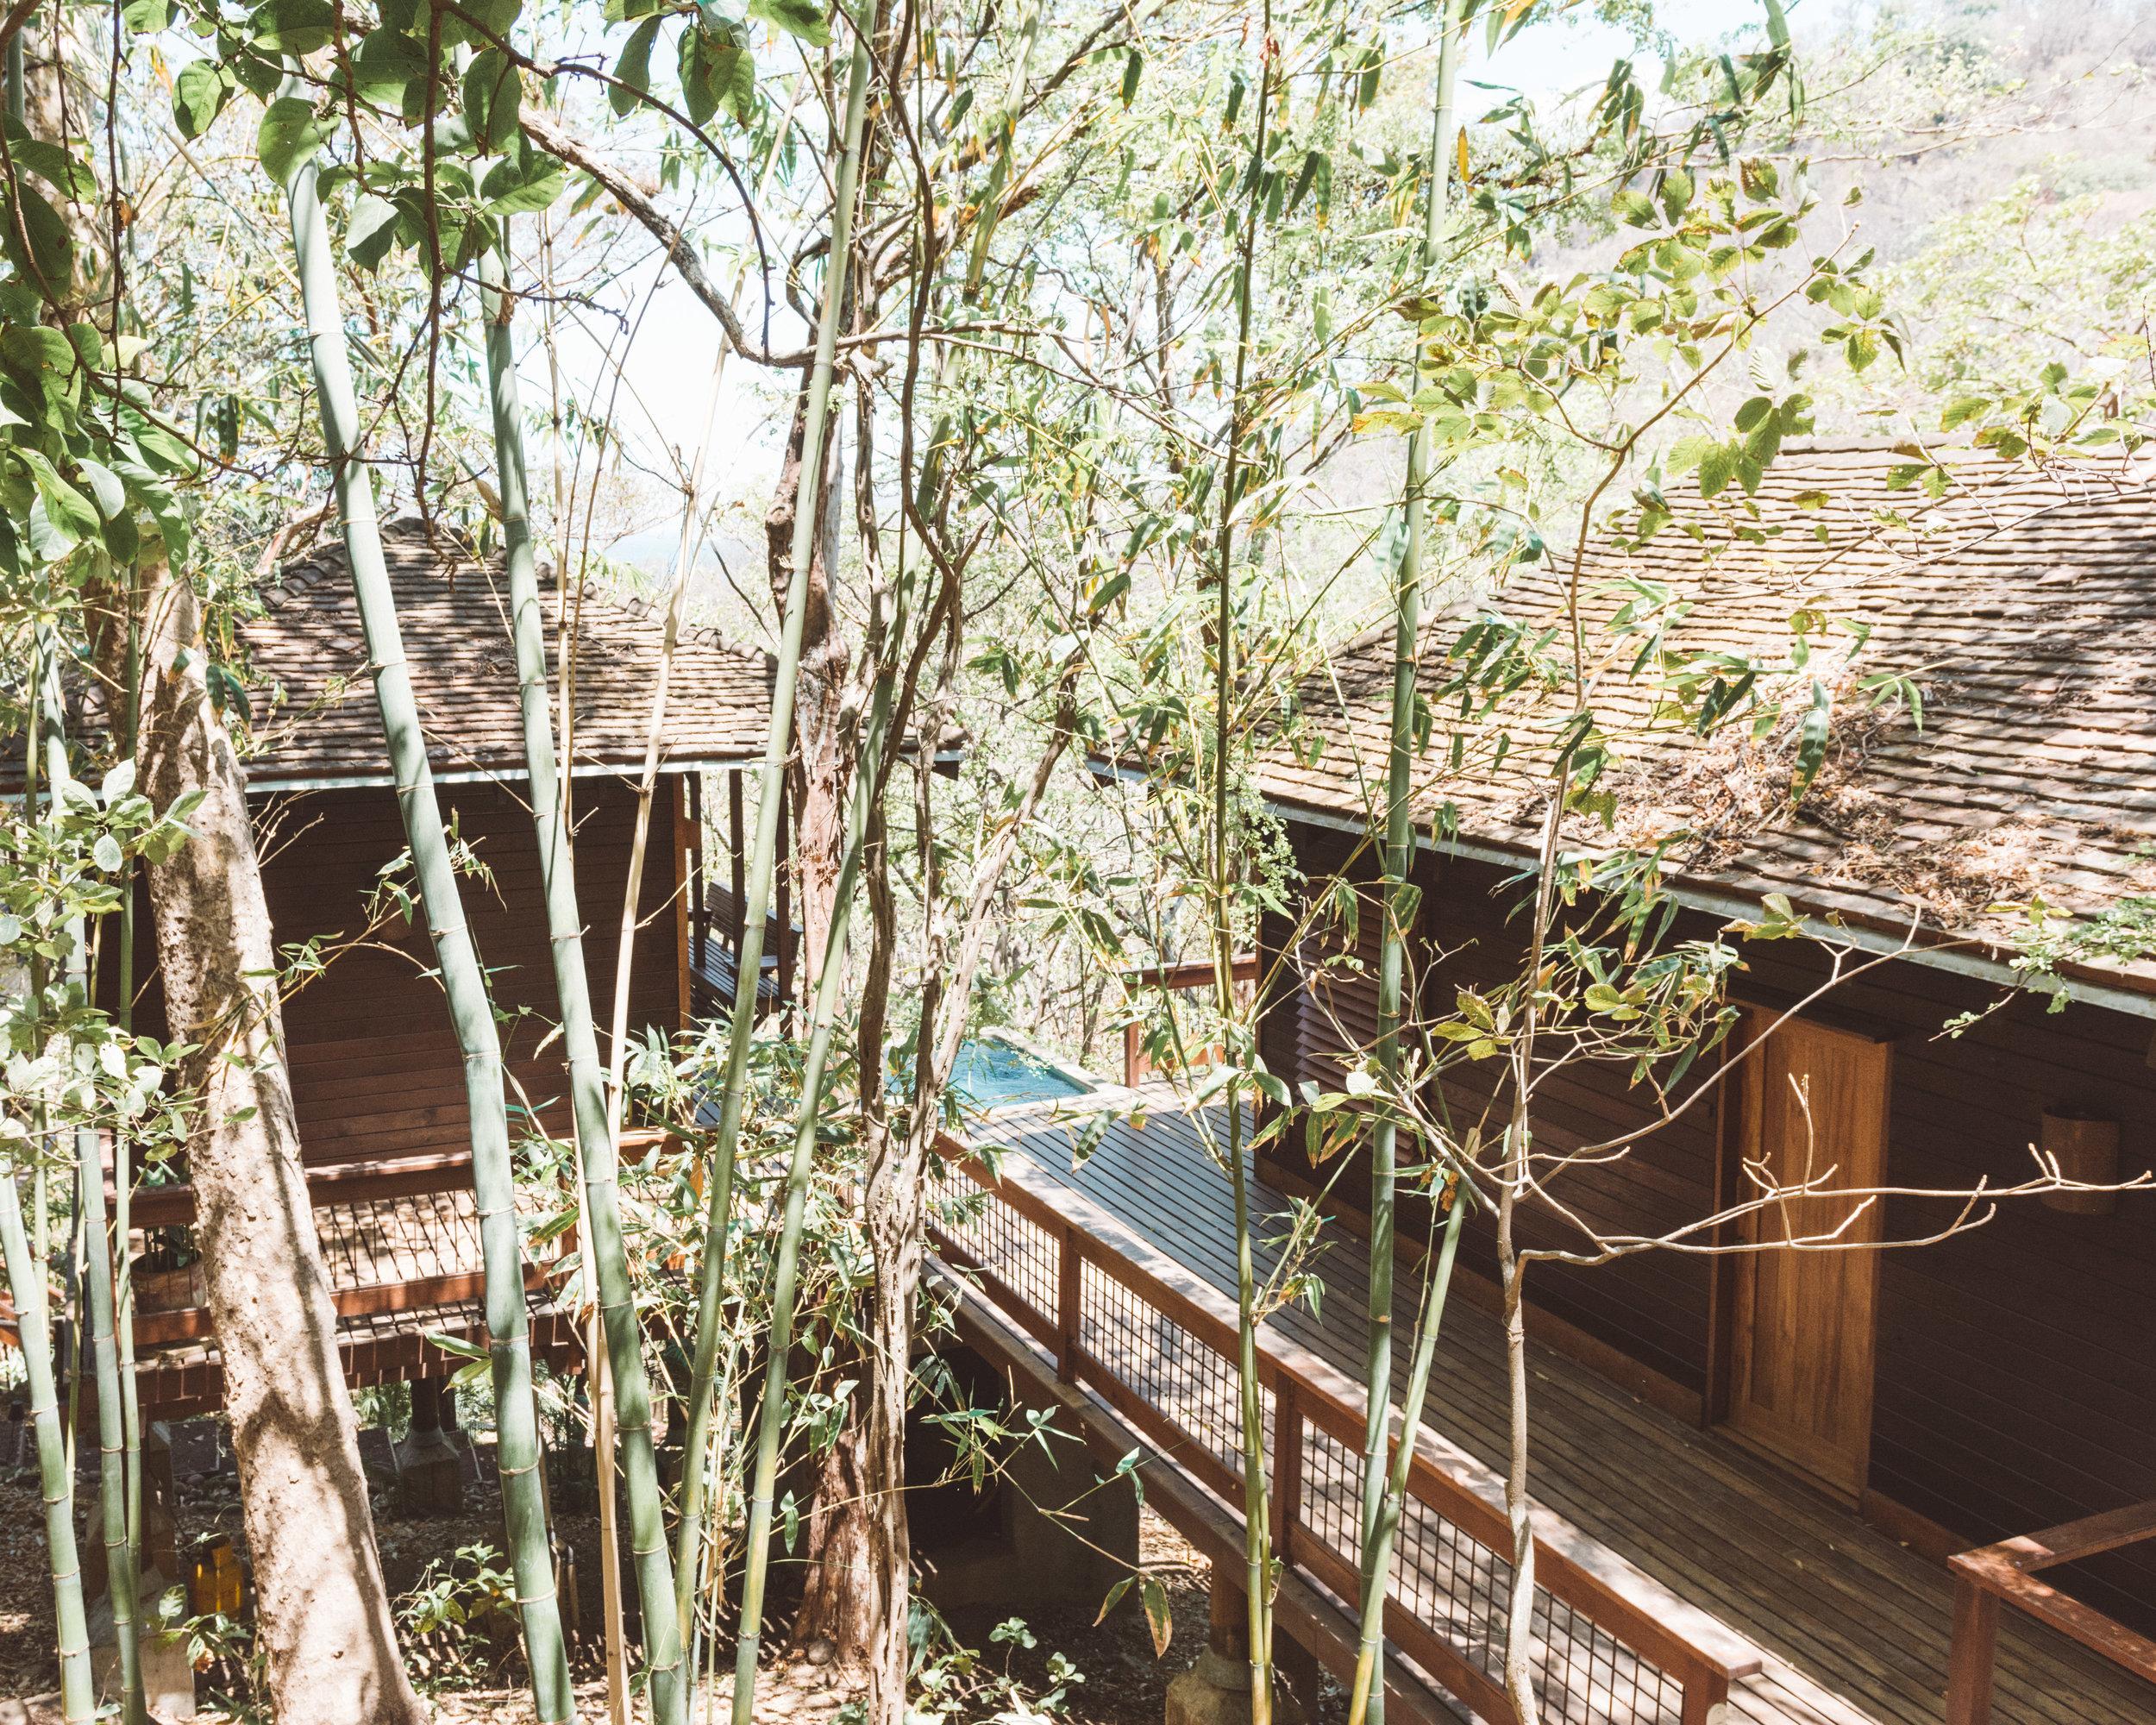 Treehouses of Aqua Wellness Resort